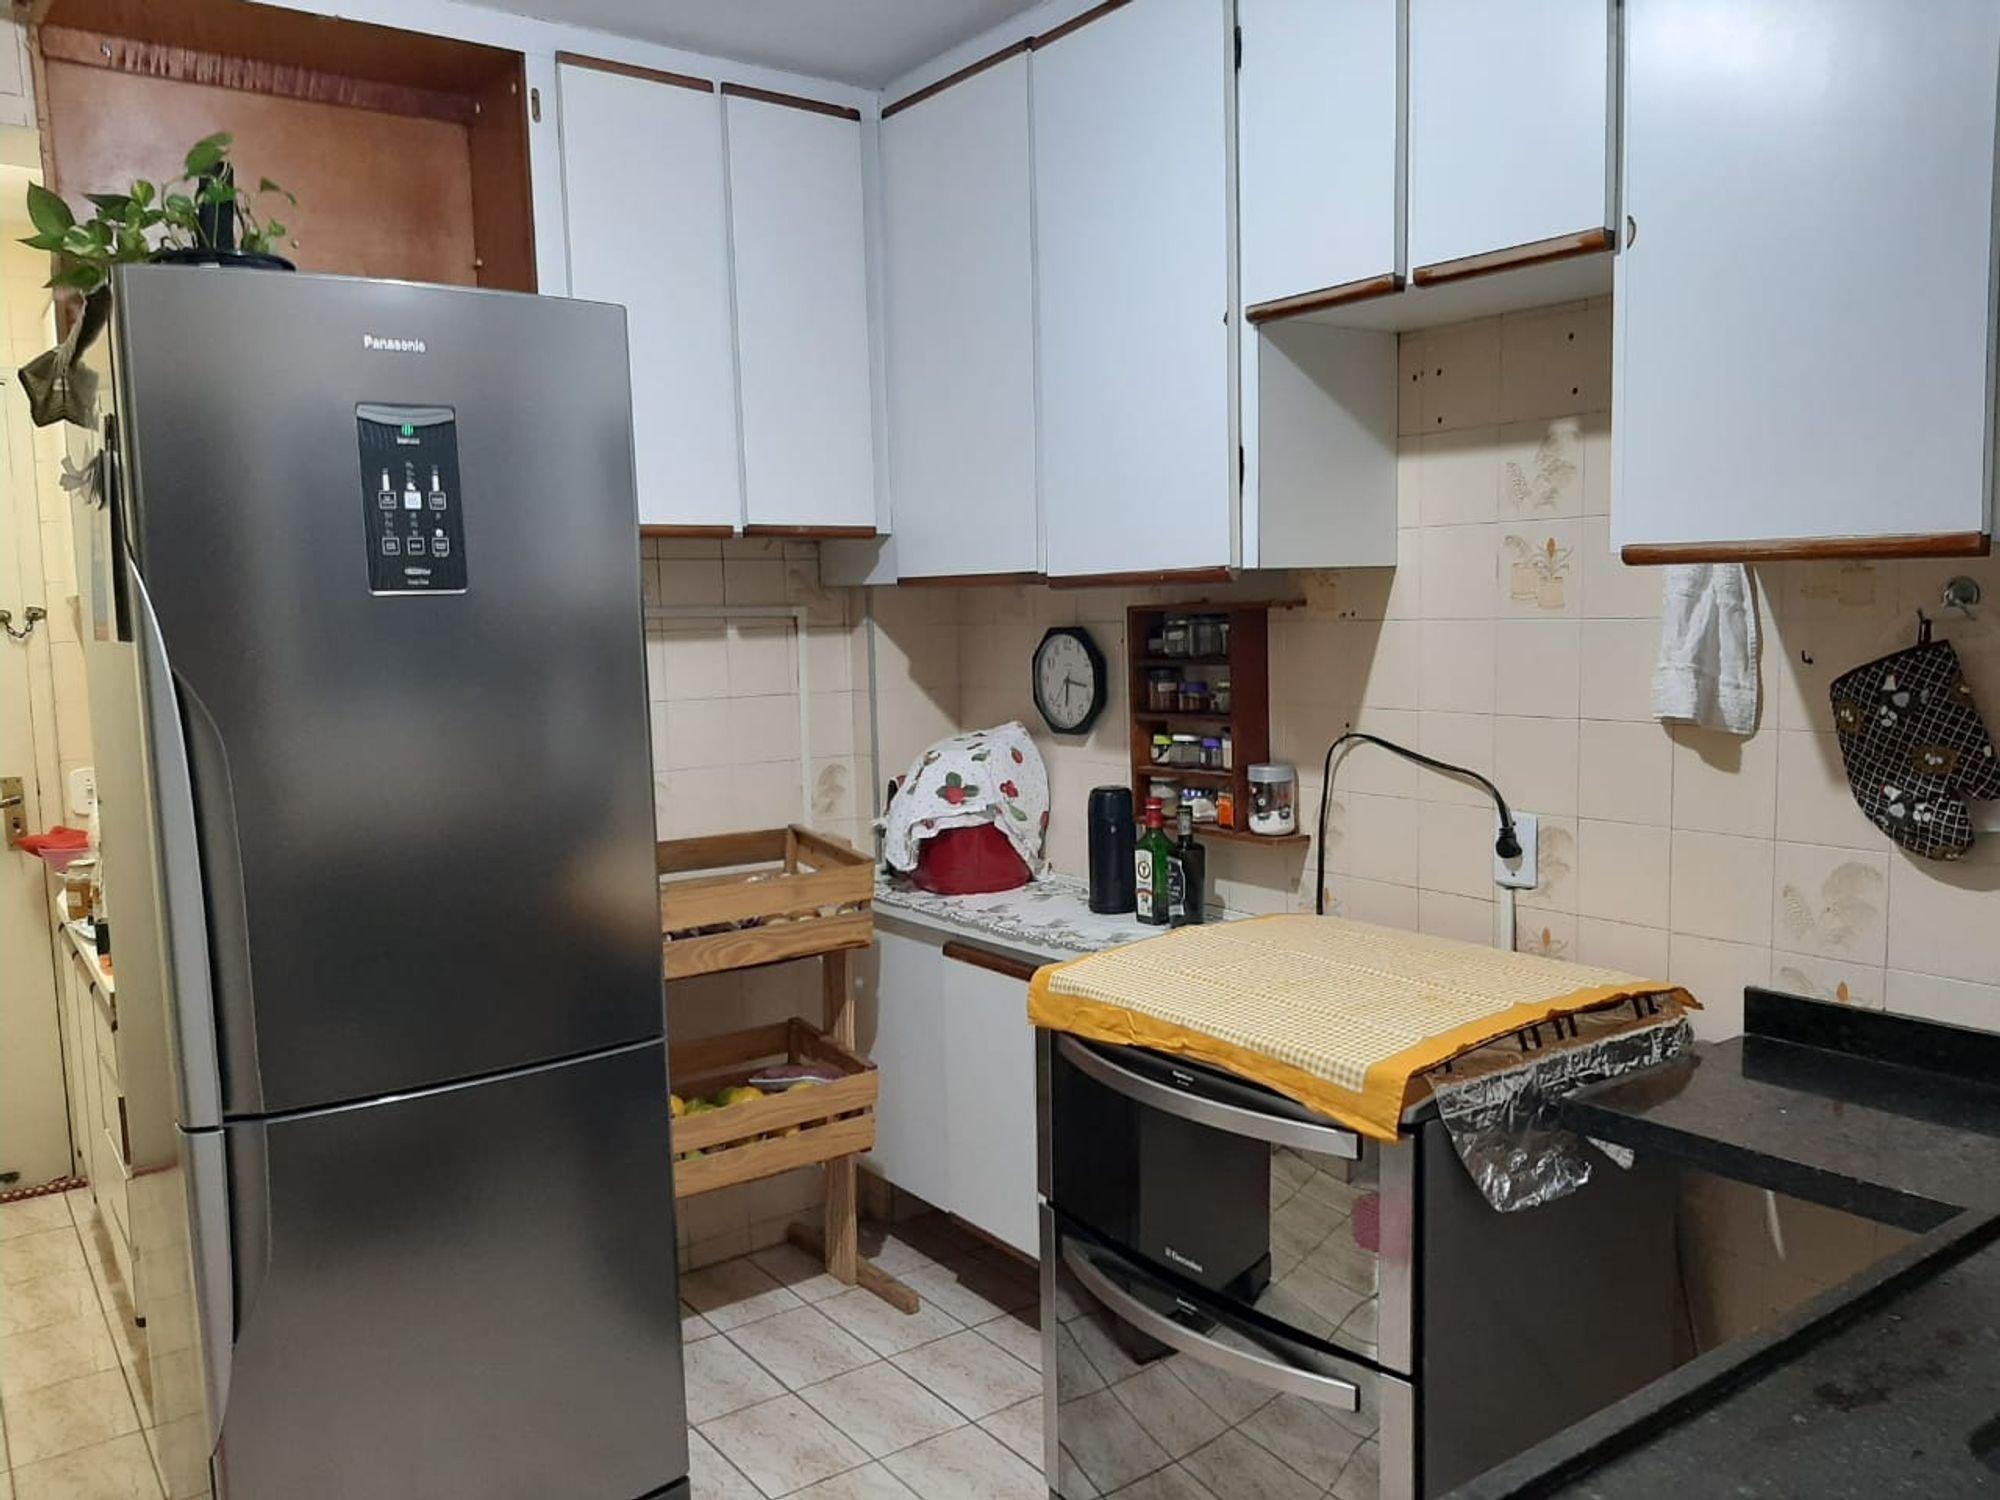 Foto de Cozinha com geladeira, relógio, garrafa